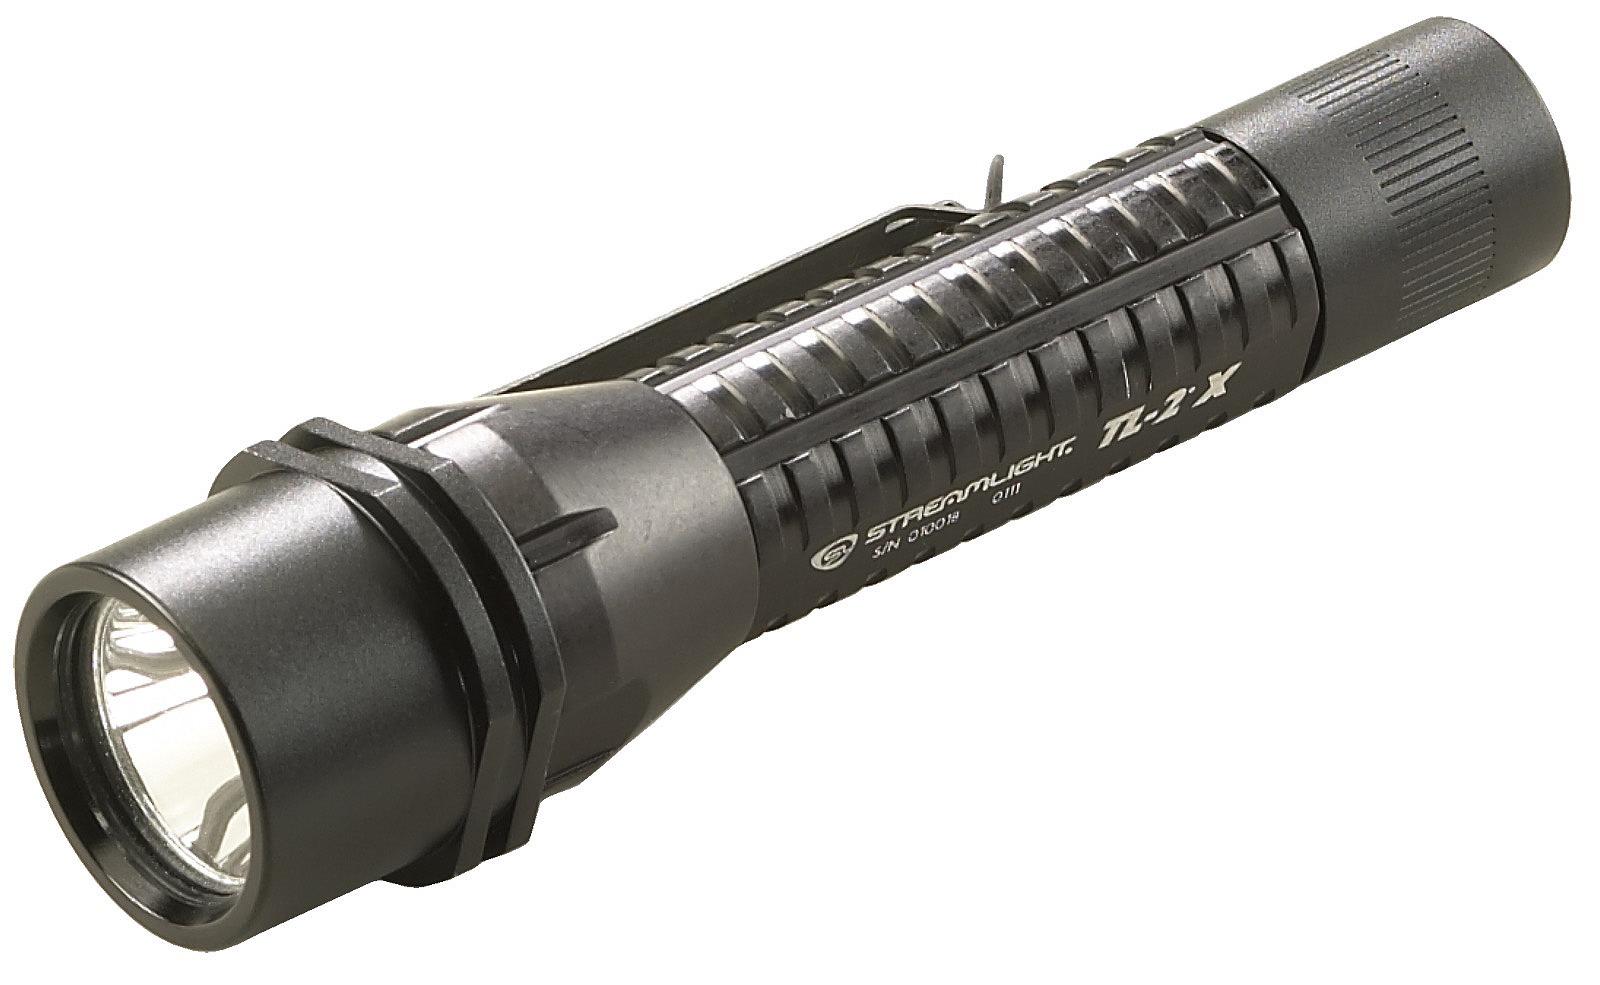 88119 TL-2X タクティカルLEDライト[点滅モード付] LEDタクティカルライト[TL-2][喜一工具]★